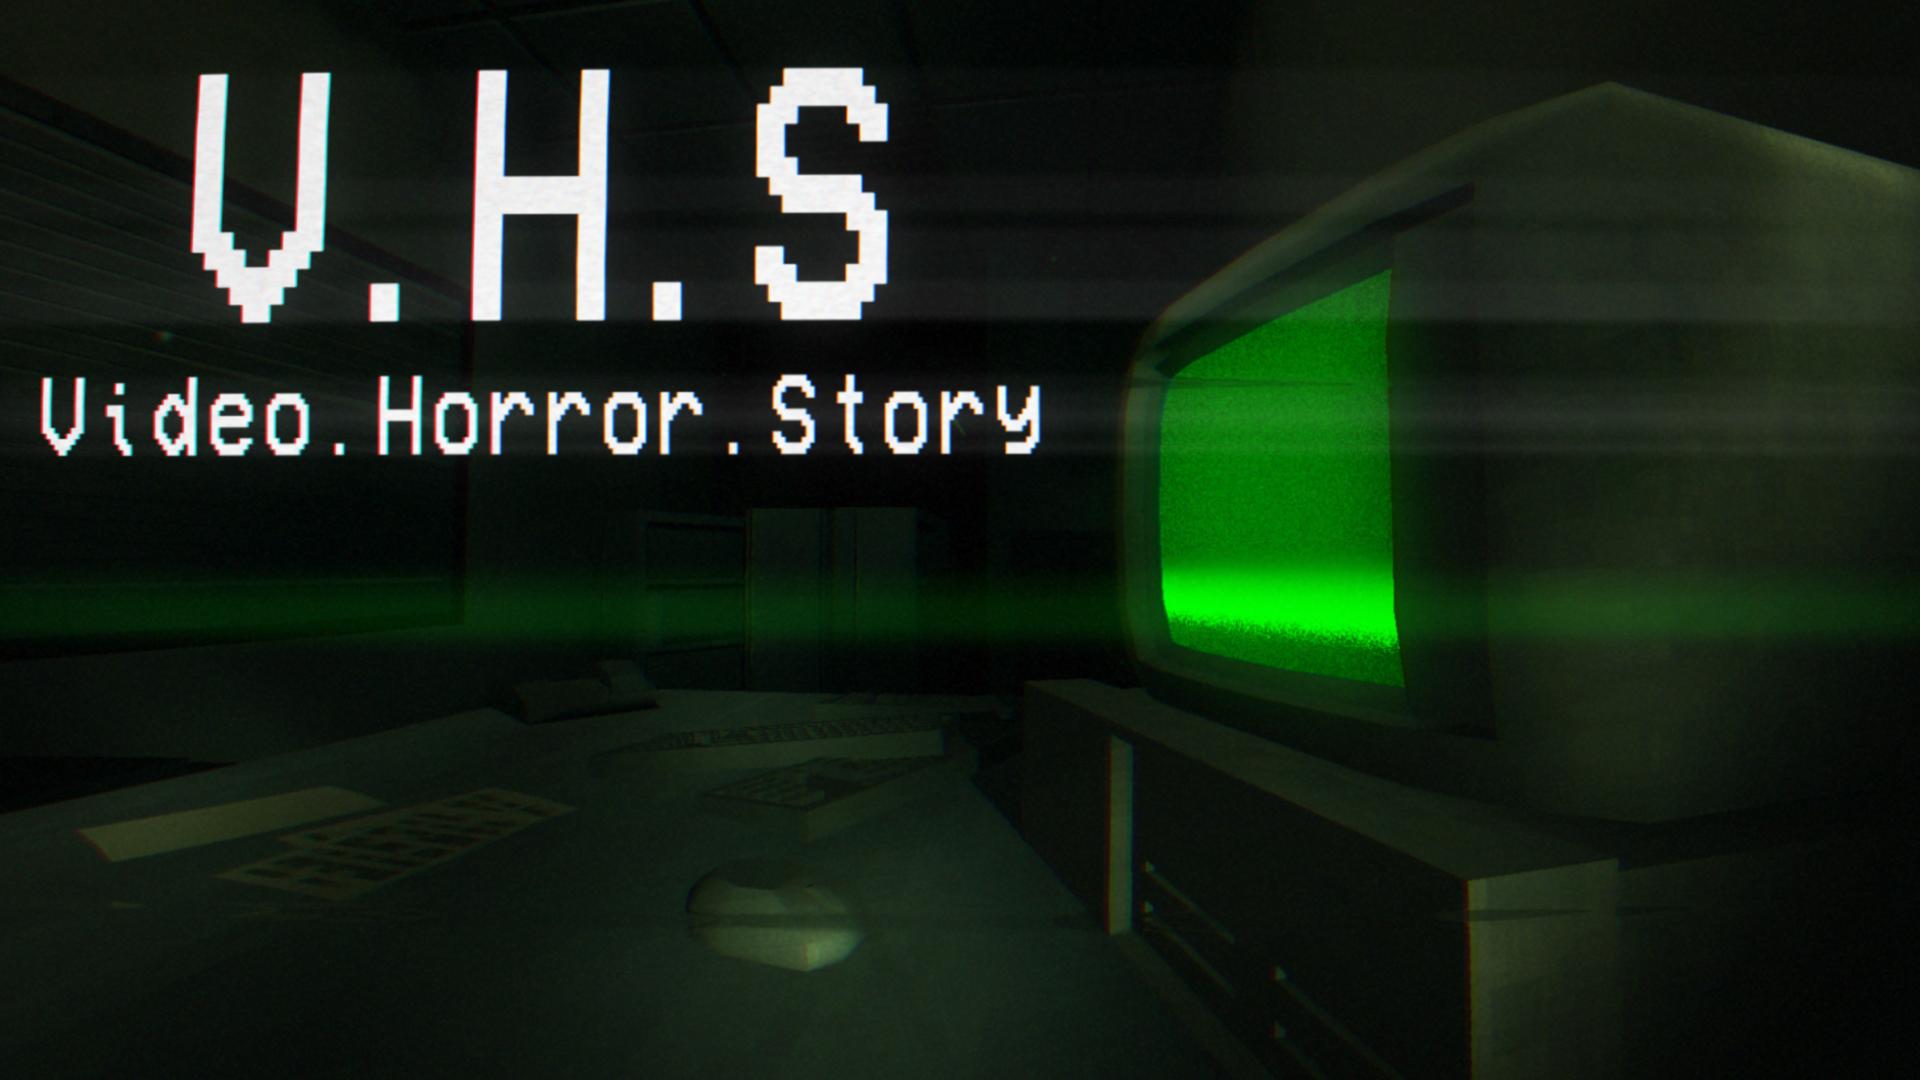 V.H.S : Video.Horror.Story